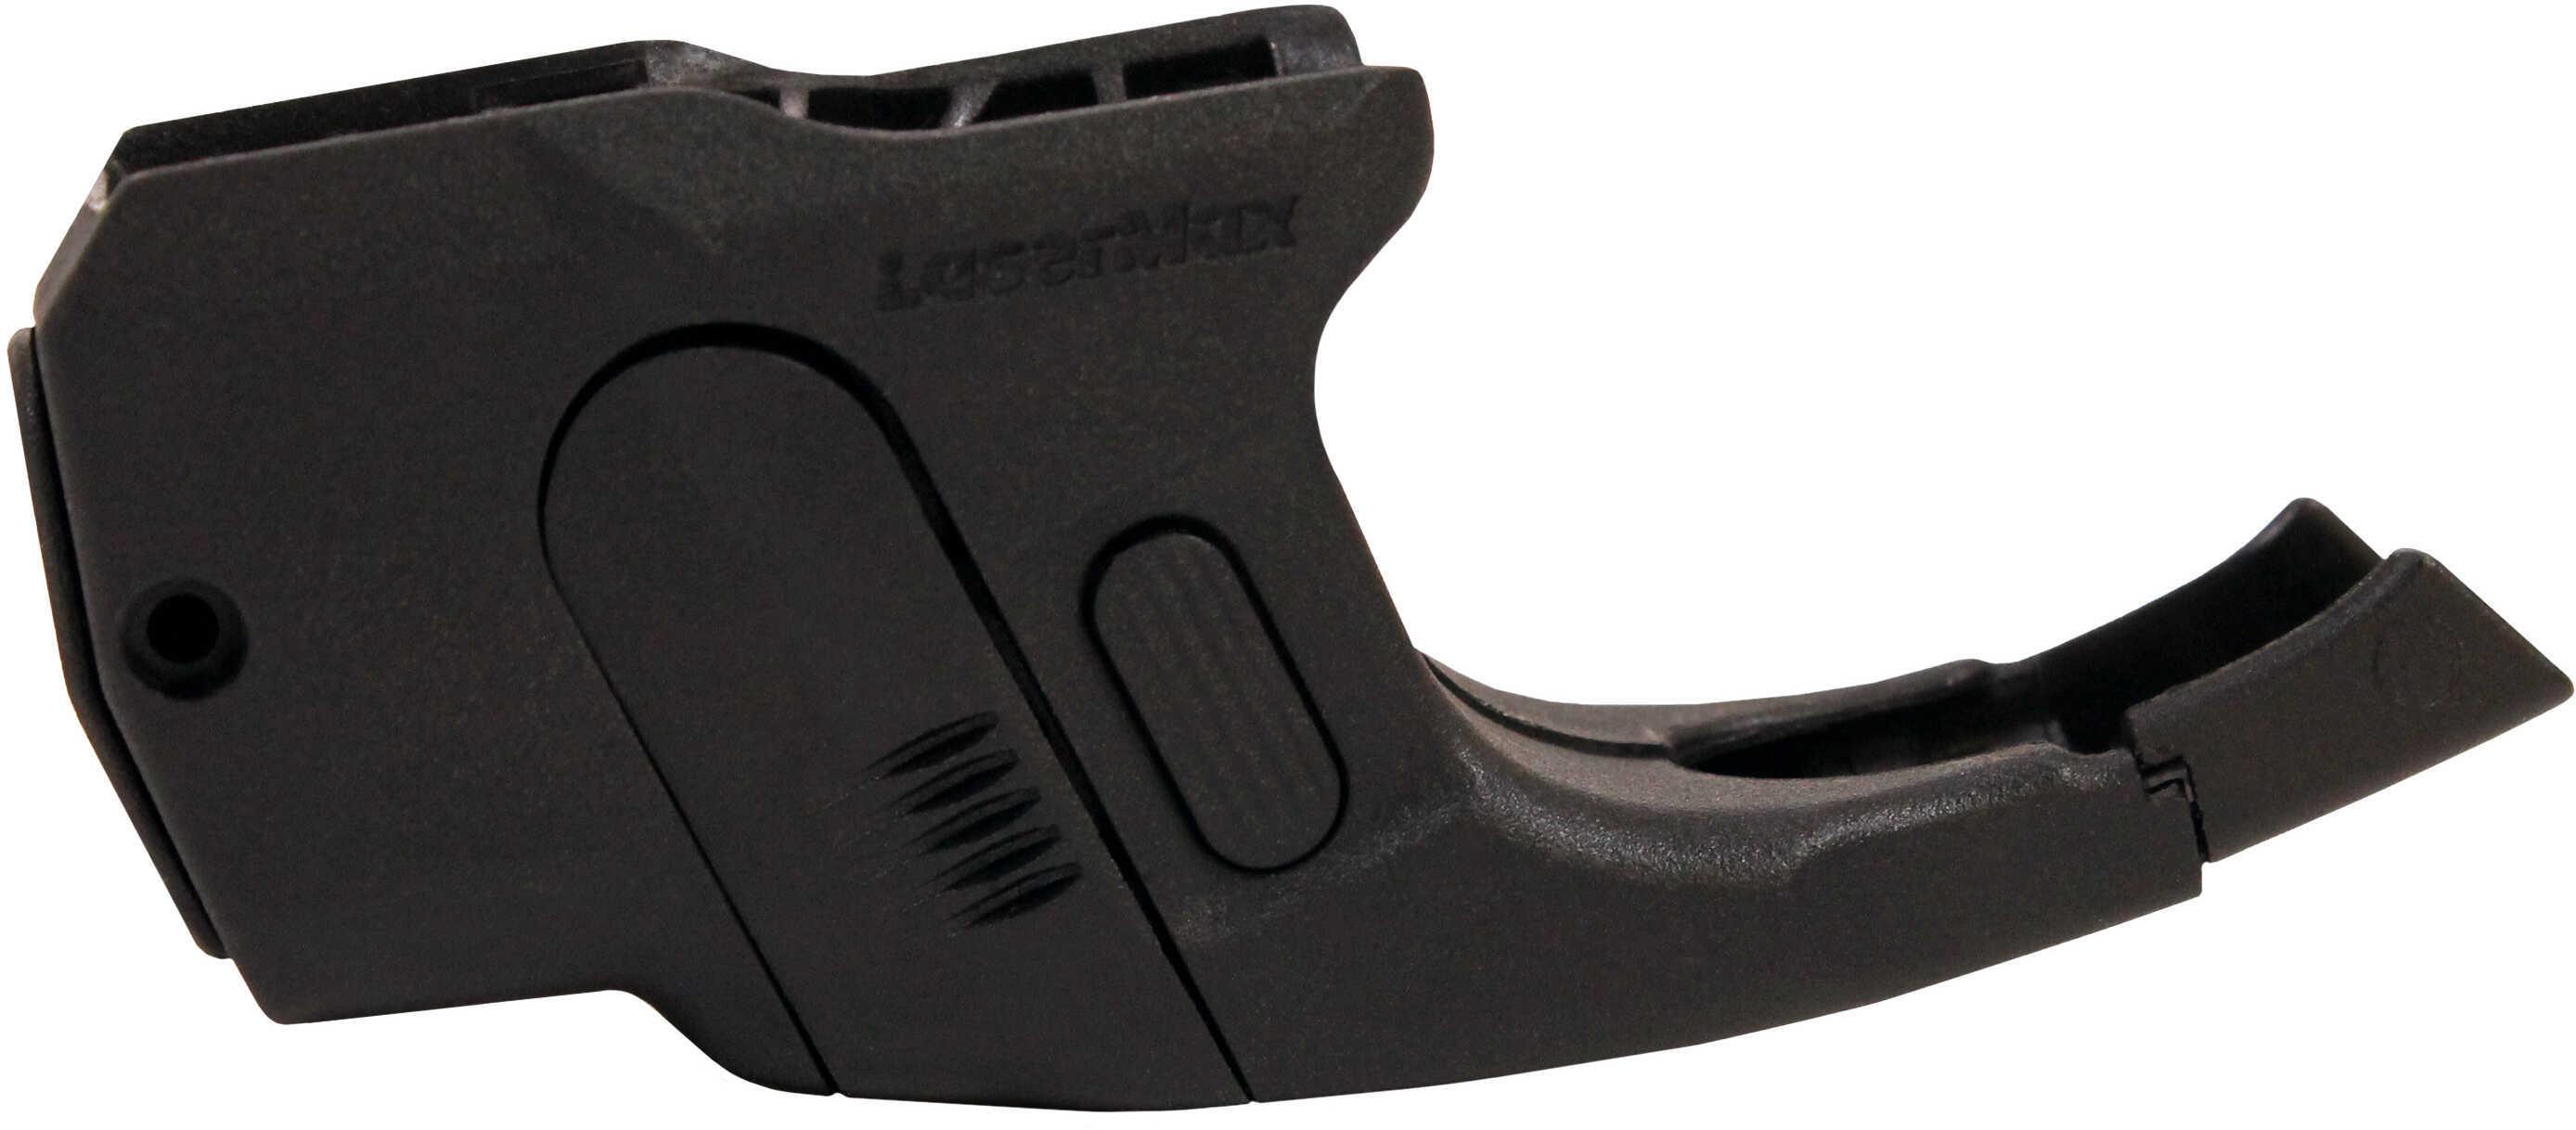 Lasermax Cf Light/Las Rd Combo S&W Shield 9 40